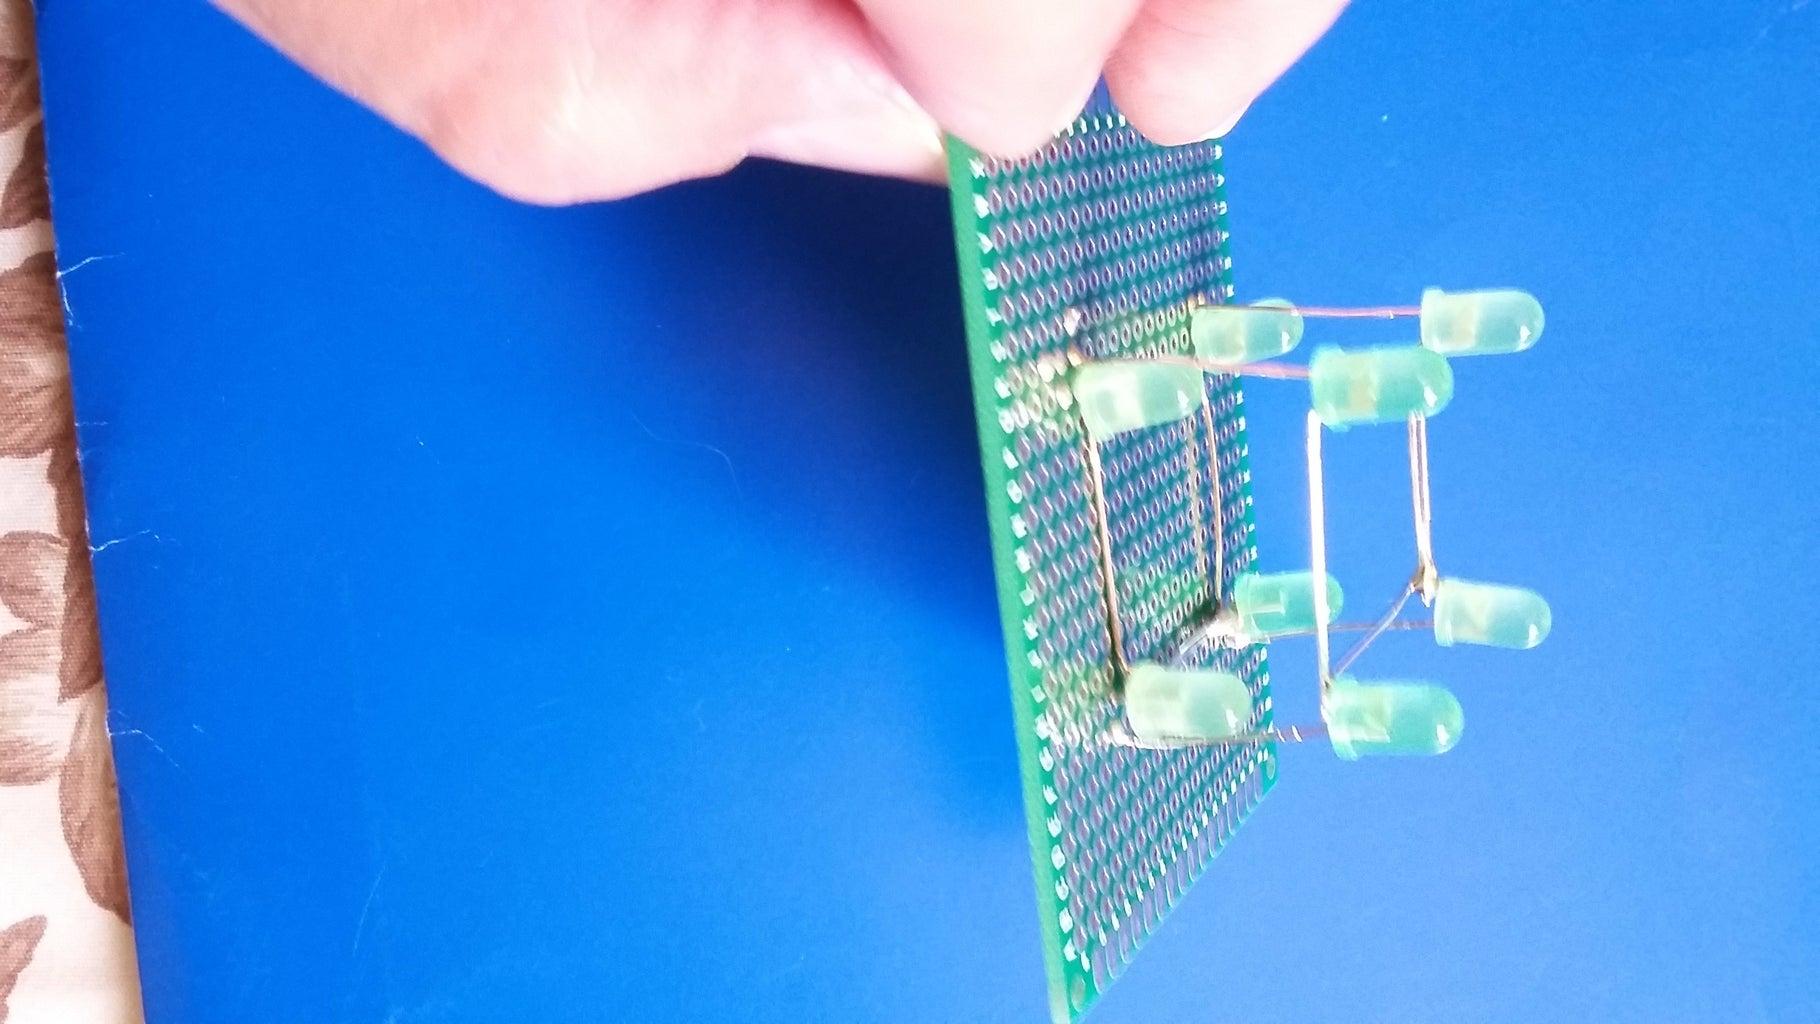 Assembling the LED Cube